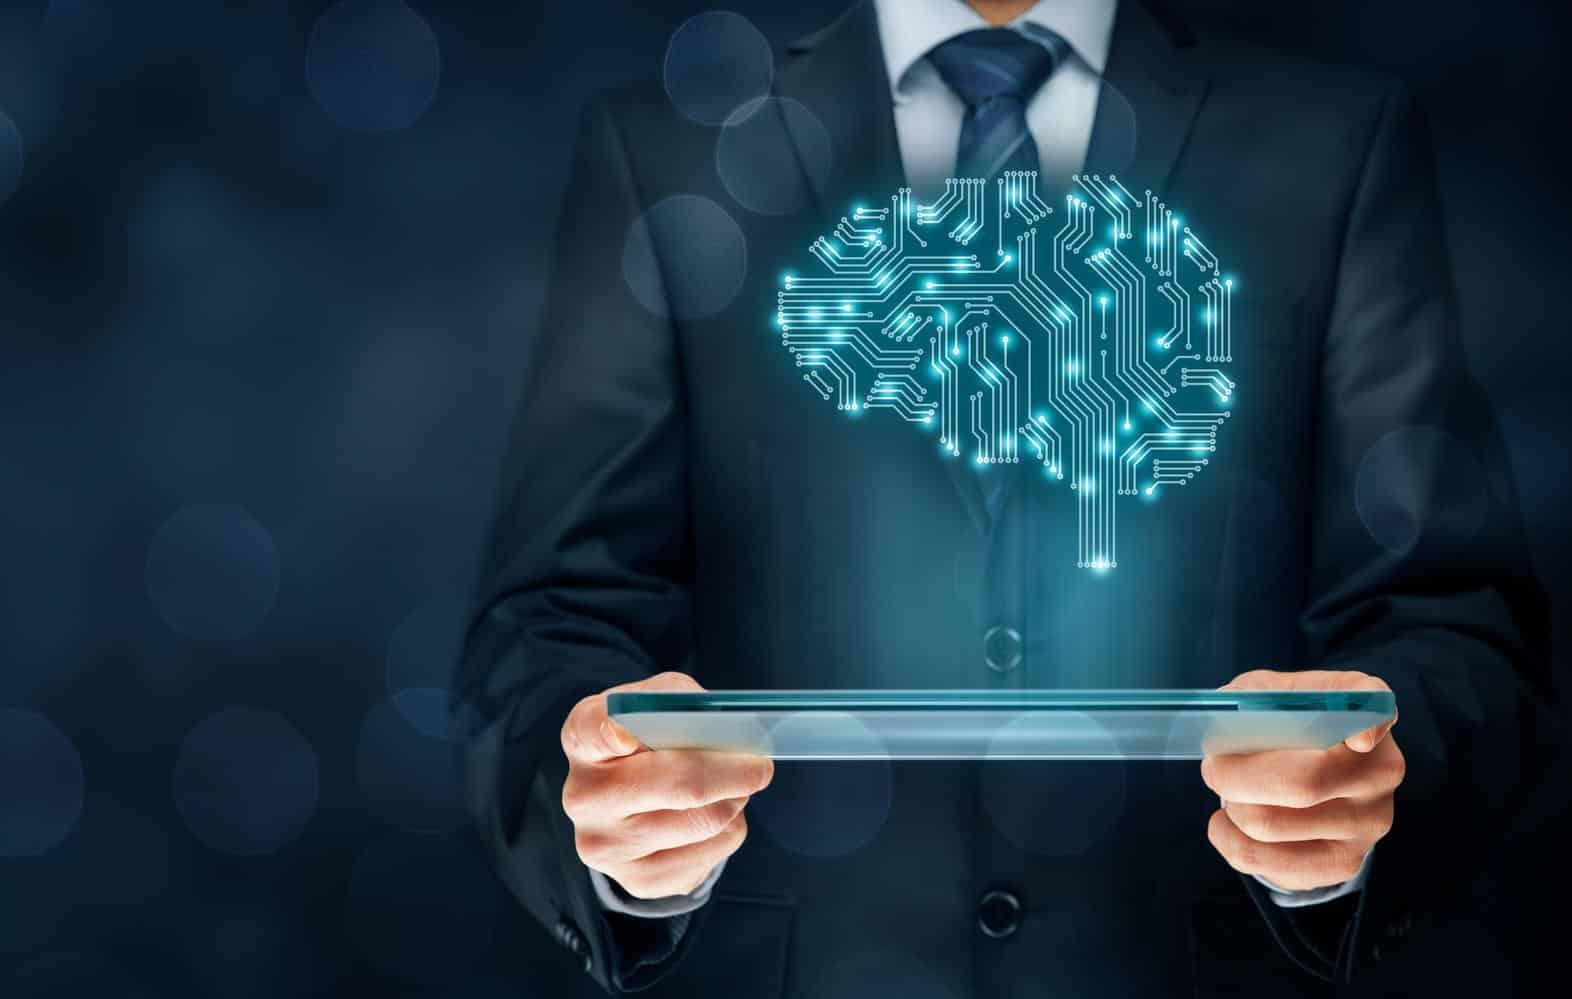 Inteligência artificial: quais os riscos que a tecnologia pode gerar?